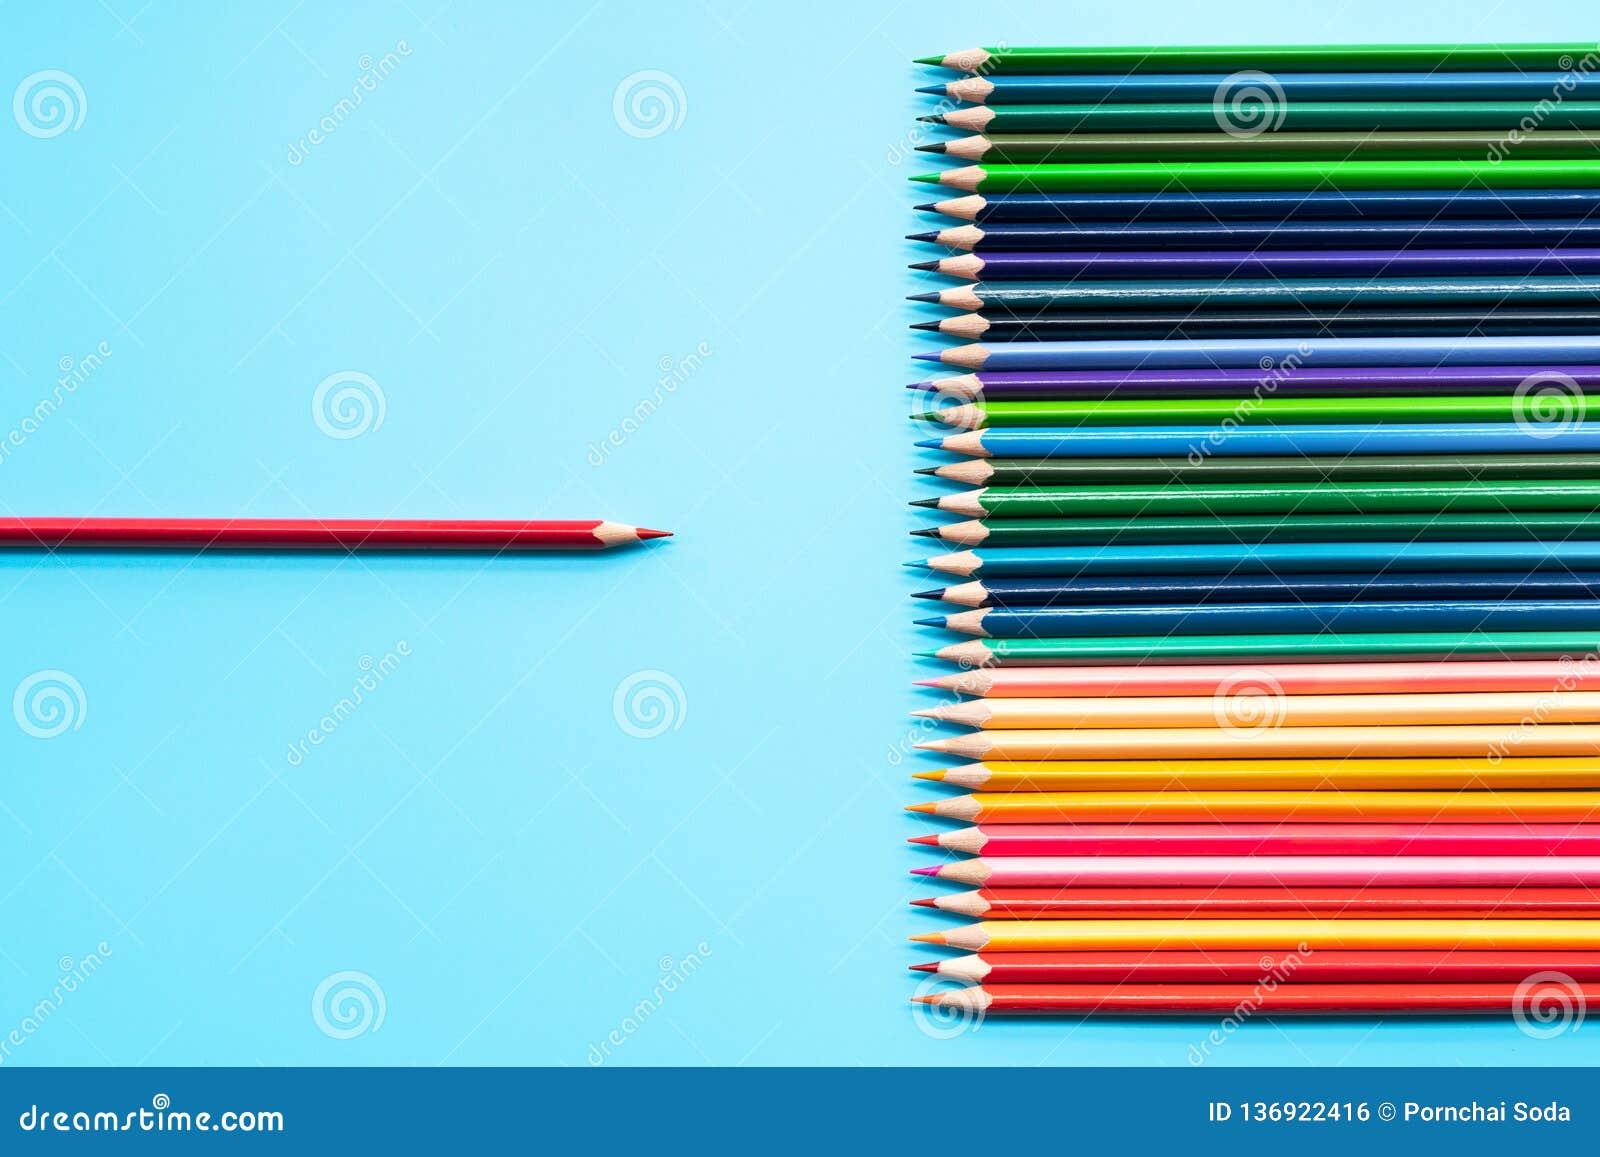 Leidings bedrijfsconcept Het loodpresentatie van het rode kleurenpotlood aan andere kleur